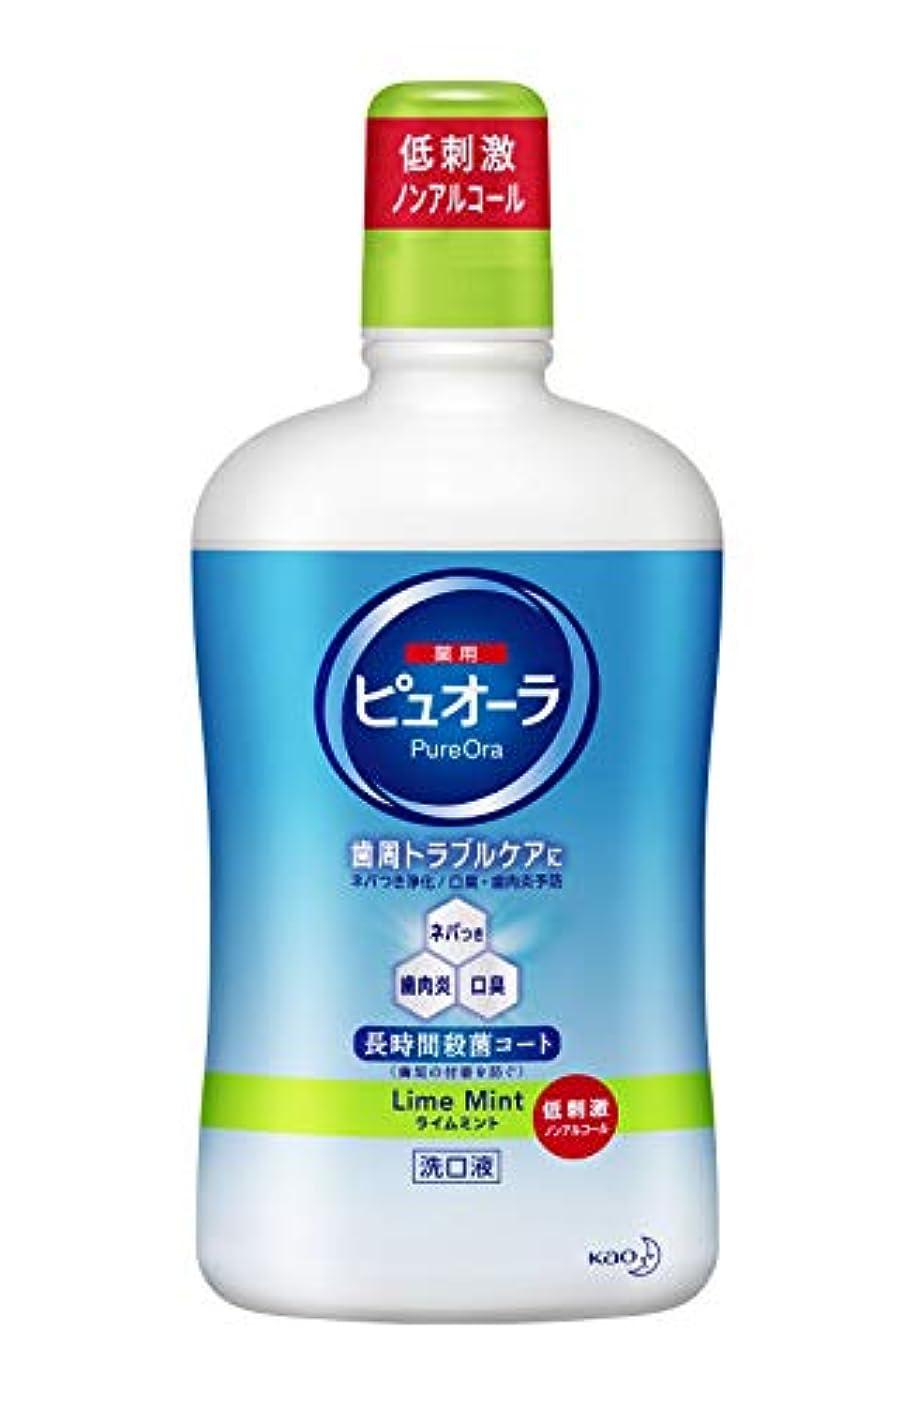 揺れるきらきら革命的【大容量】ピュオーラ 洗口液 ライムミント ノンアルコールタイプ 850ml